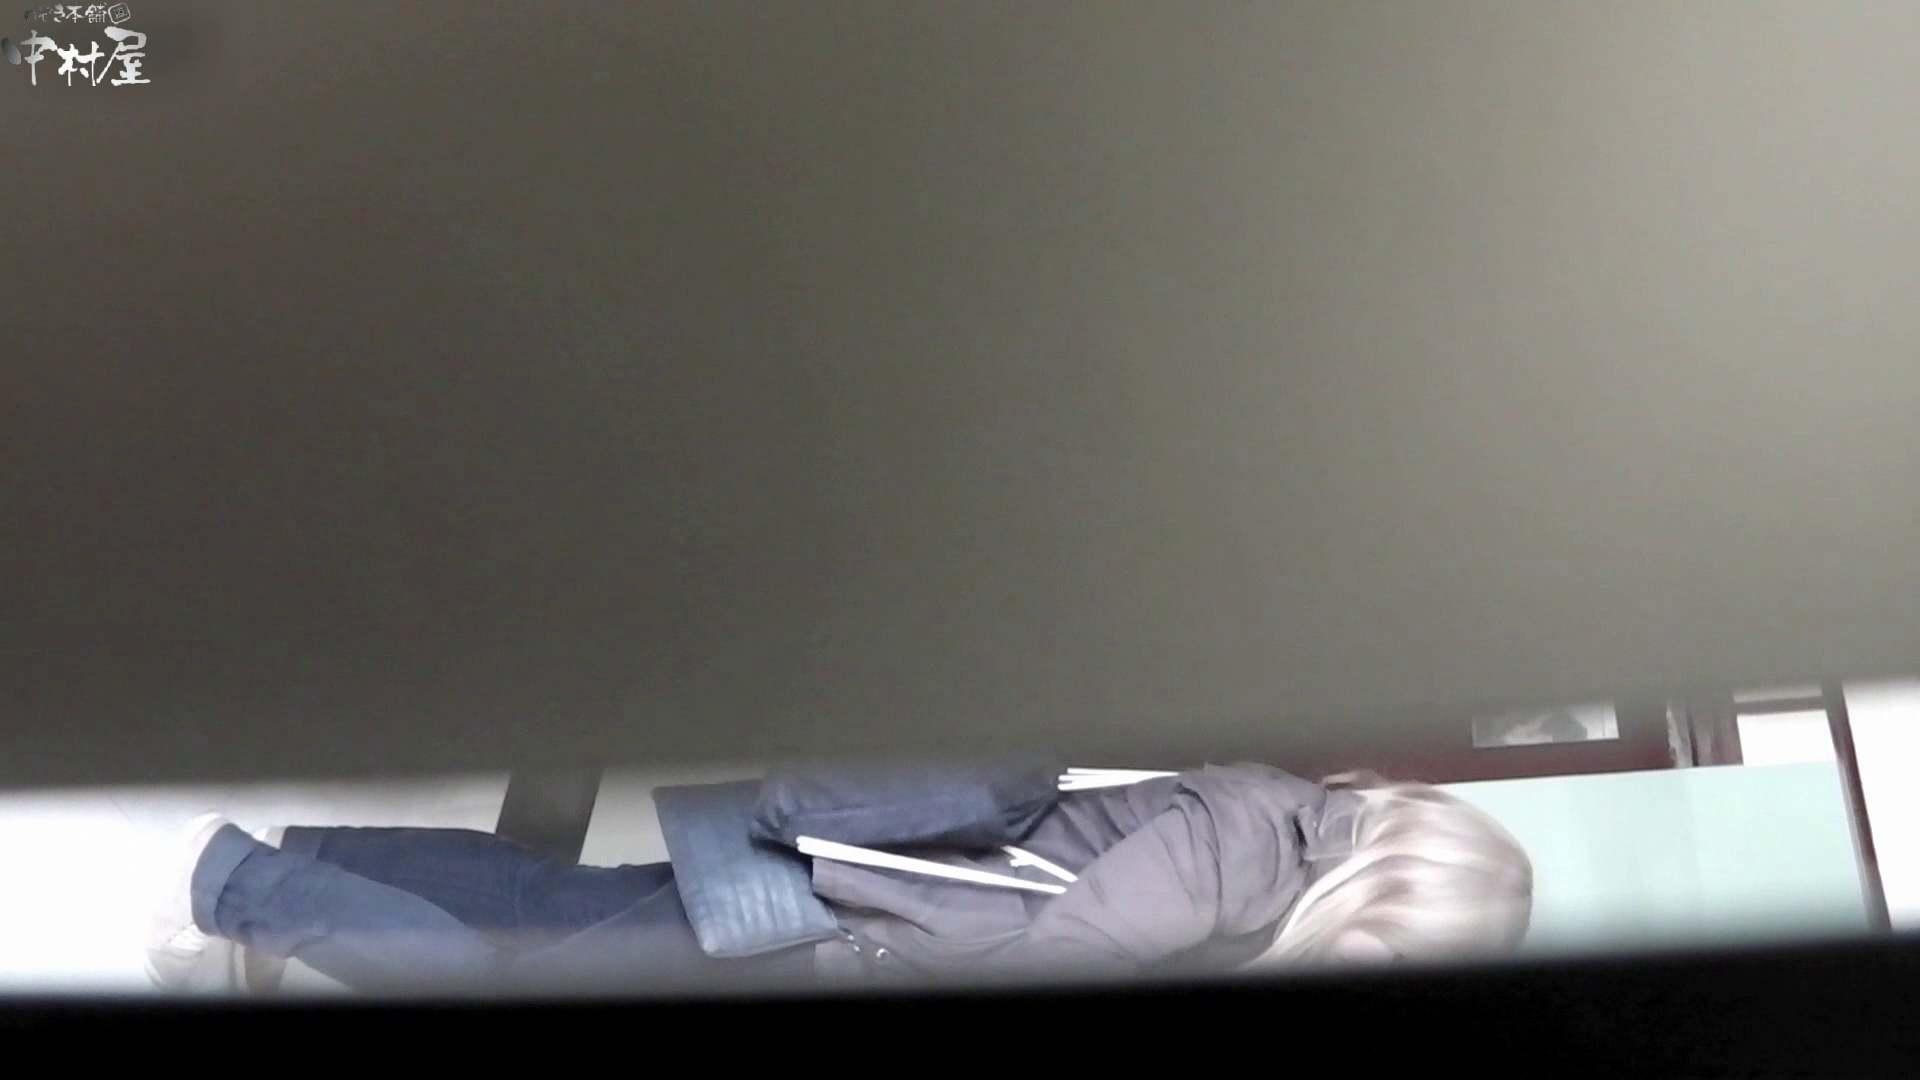 お市さんの「お尻丸出しジャンボリー」No.07 マンコ・ムレムレ エロ画像 103pic 3